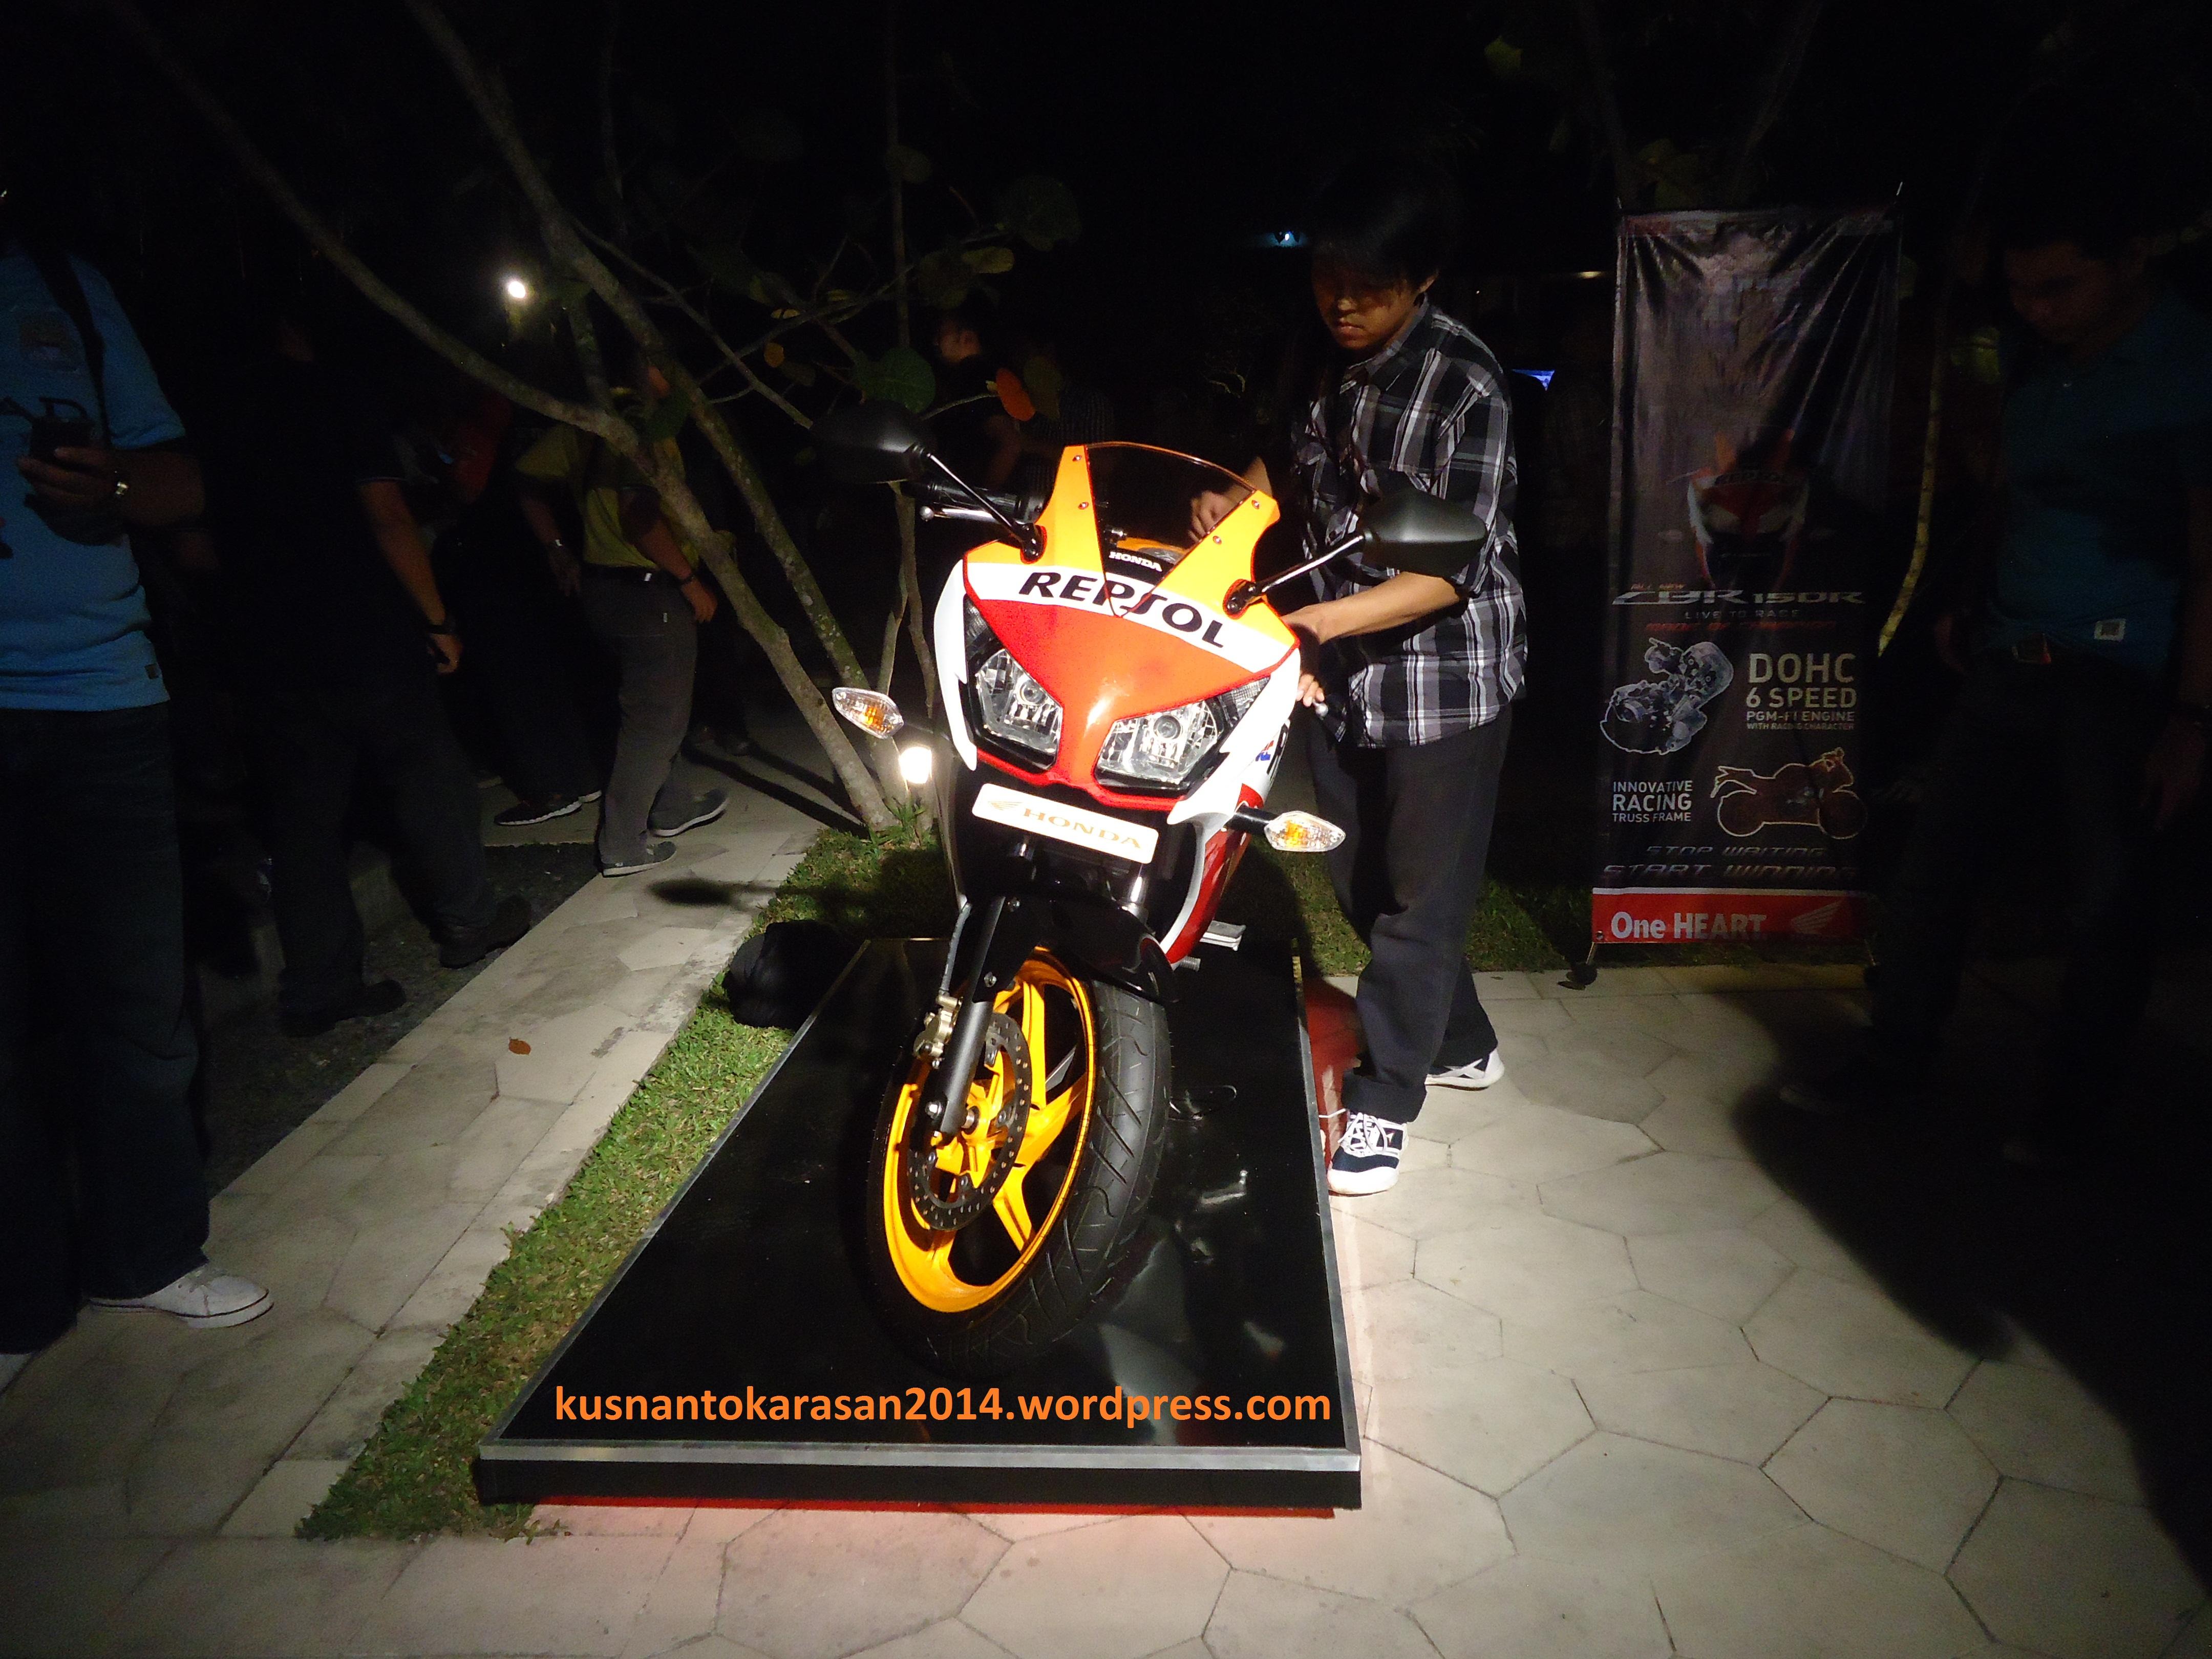 December 2014 Page 3 All New Cb 150r Streetfire Honda Racing Red Kab Semarang Cbr Edisi Repsol Tampak Depan Produk Lokal Saat Acara Launching